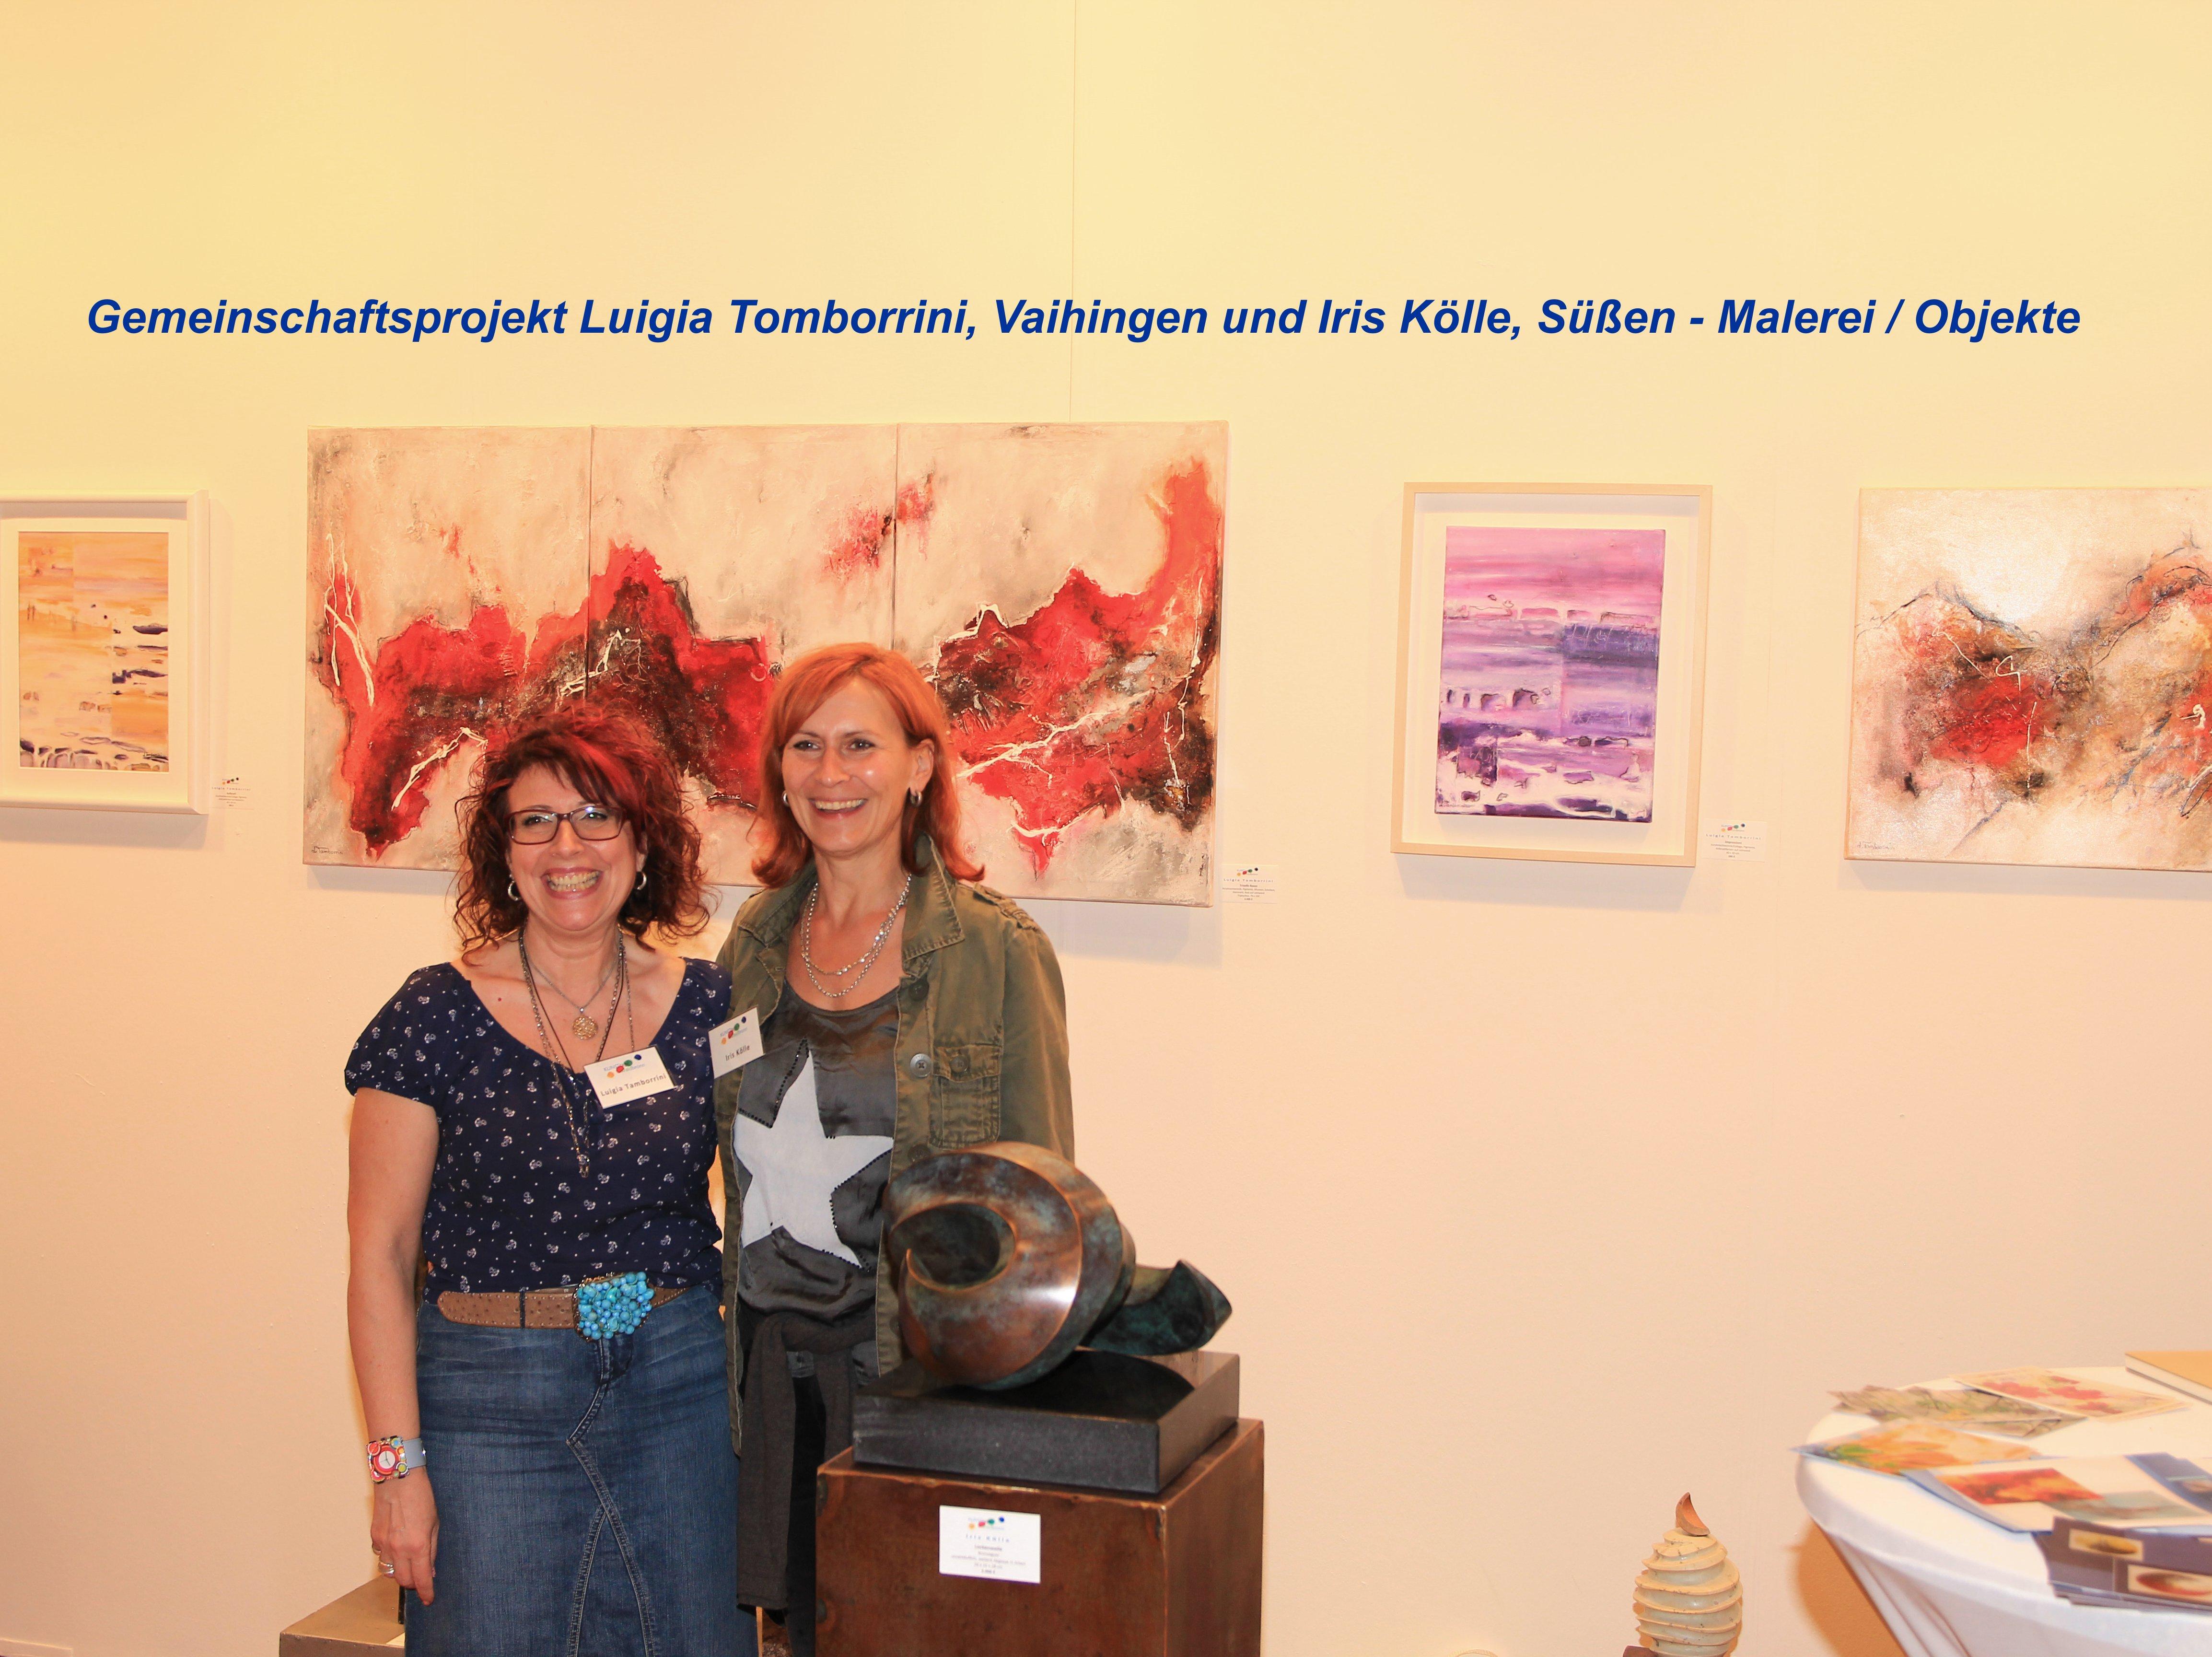 Gemeinschaftsprojekt Luigia Tamborrini, Vaihingen und Iris Kölle, Süßen - Malerei / Objekte